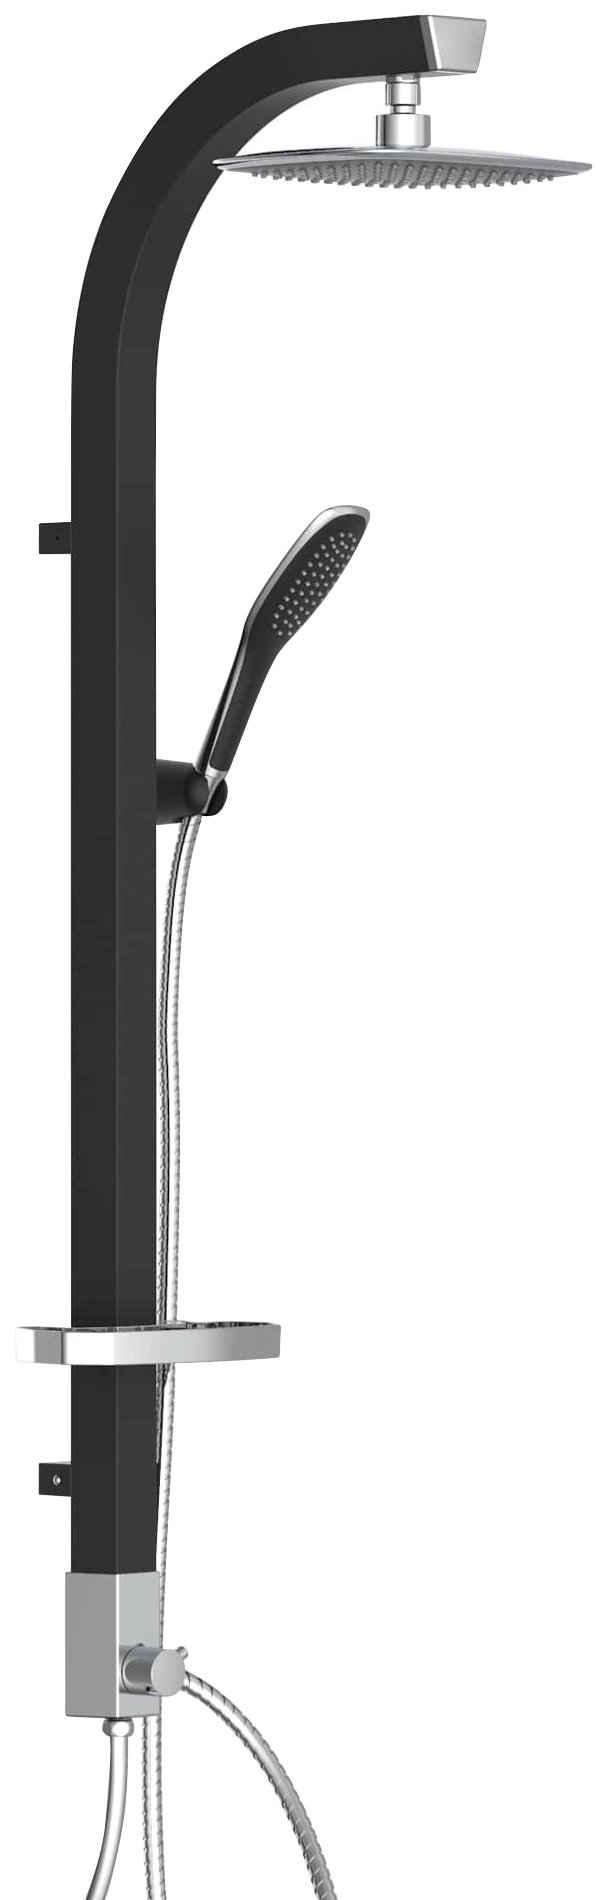 Schütte Brausegarnitur »Madagaskar«, Höhe 123 cm, Durchmesser 17,5 cm